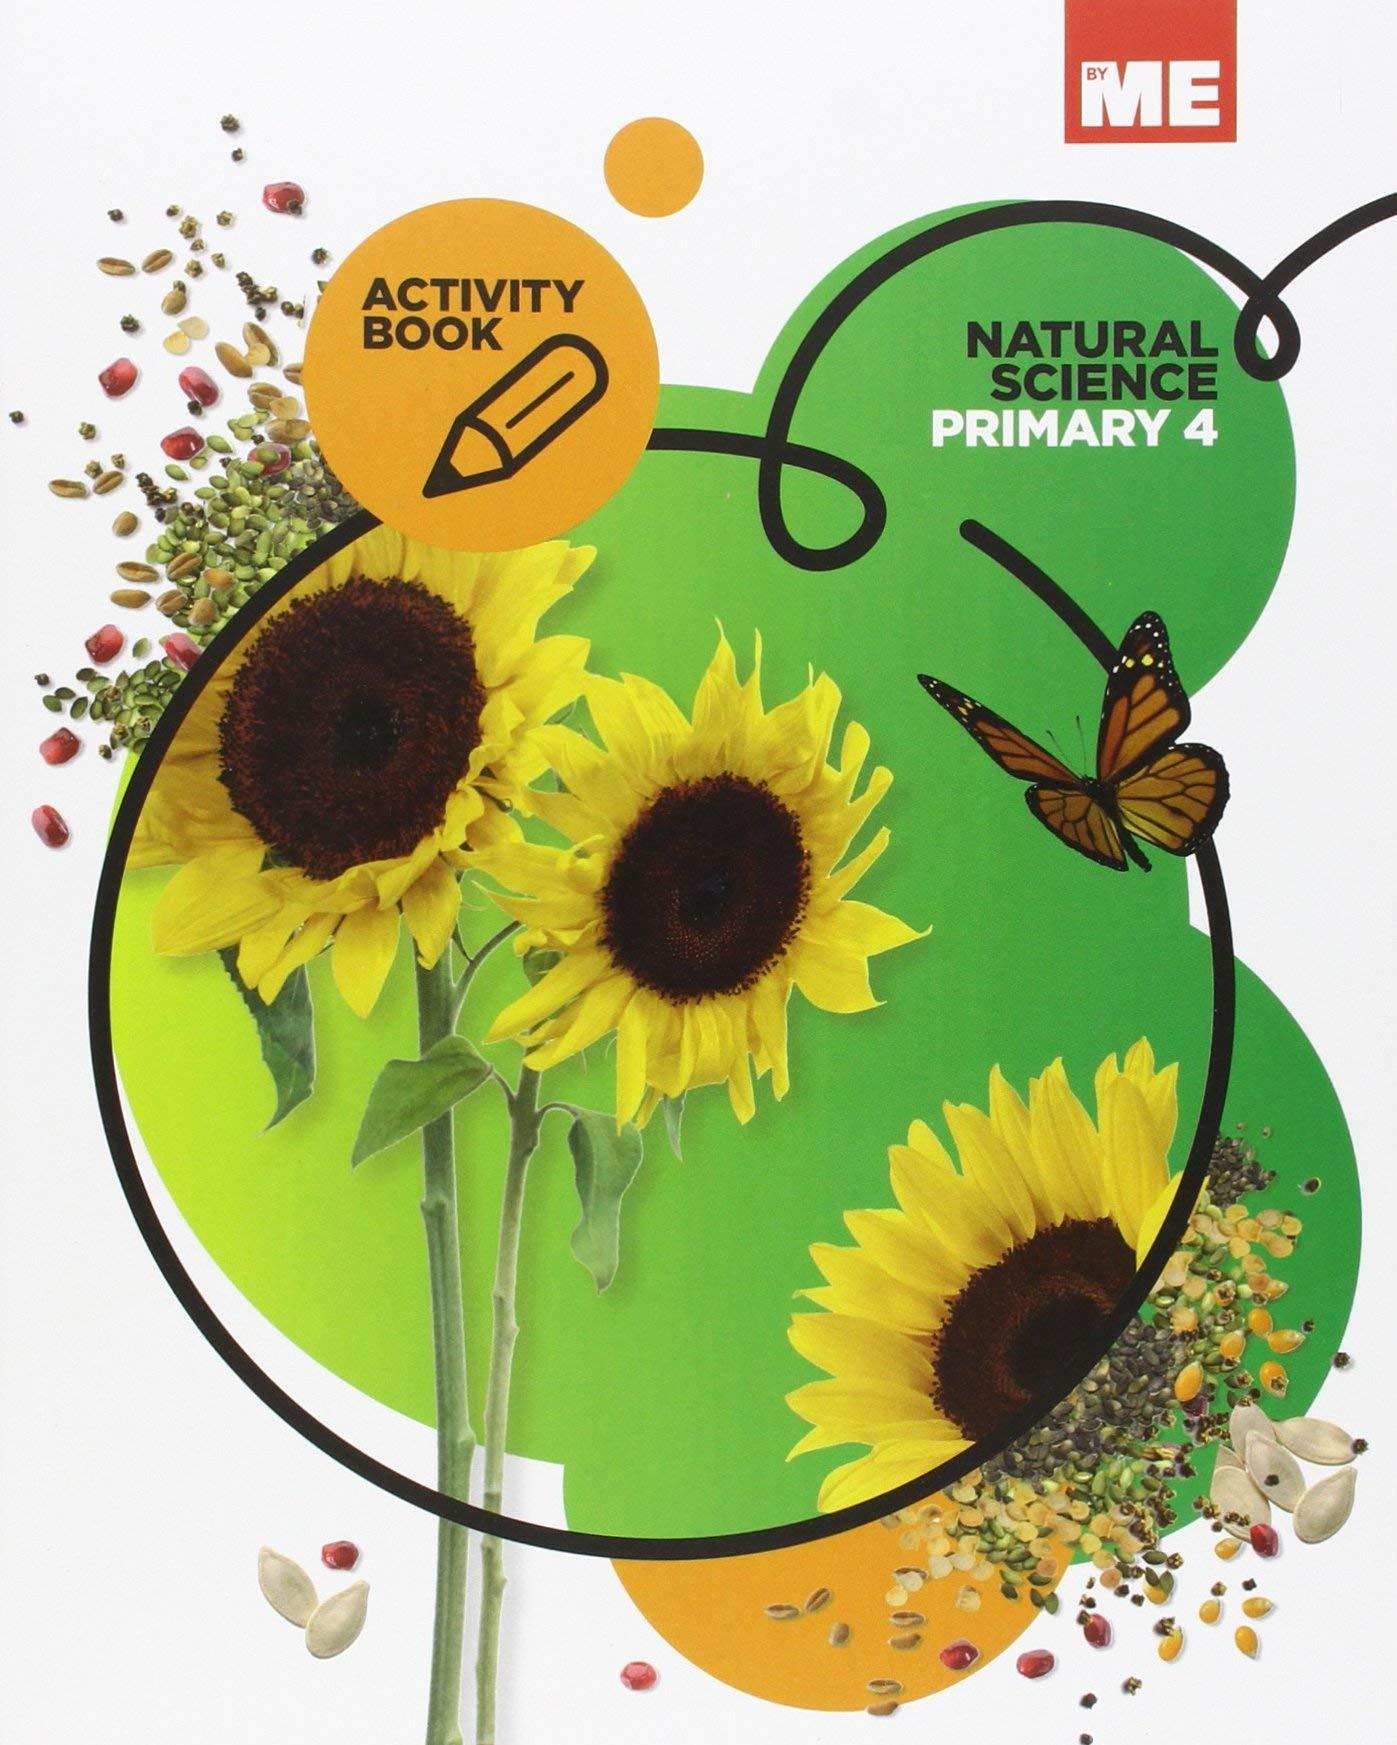 Natural Science Activity Book 4º CC. Naturales Nivel 4: Amazon.es: Koop, Melissa, Metters, Debbie: Libros en idiomas extranjeros